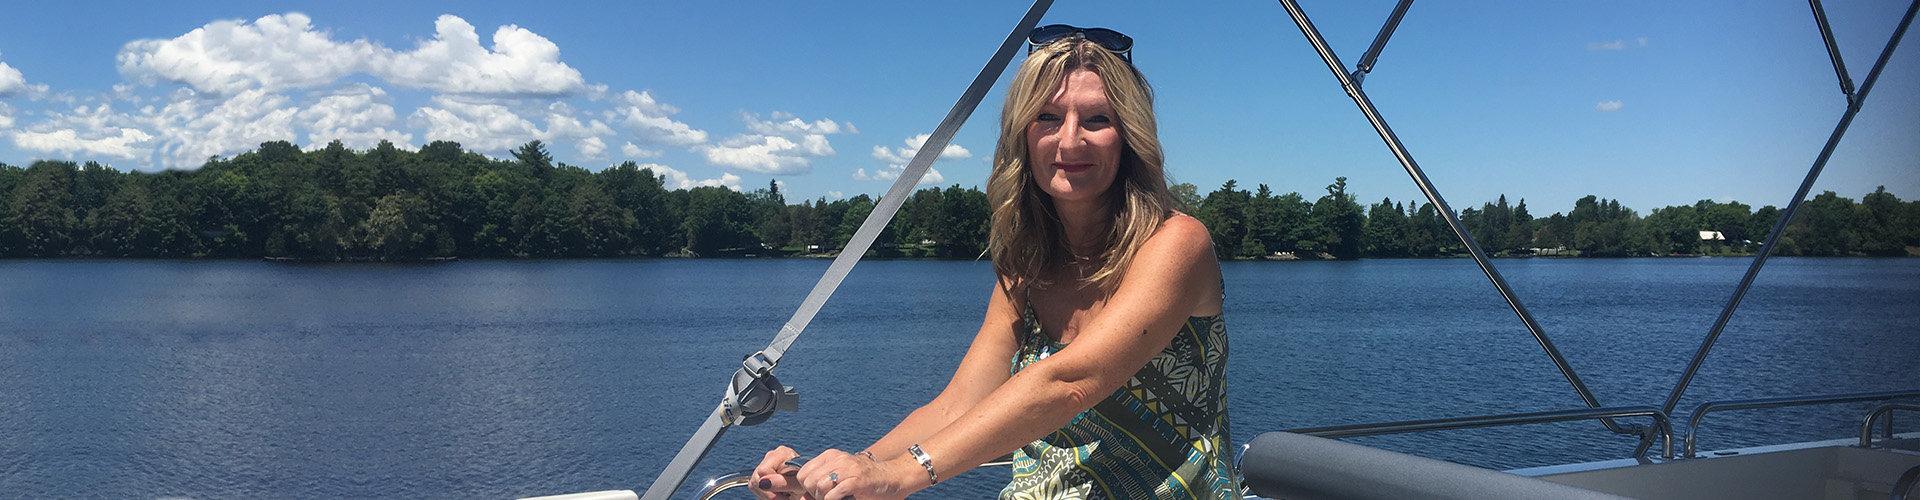 Cheryl Brown | Directrice Générale | Le Boat